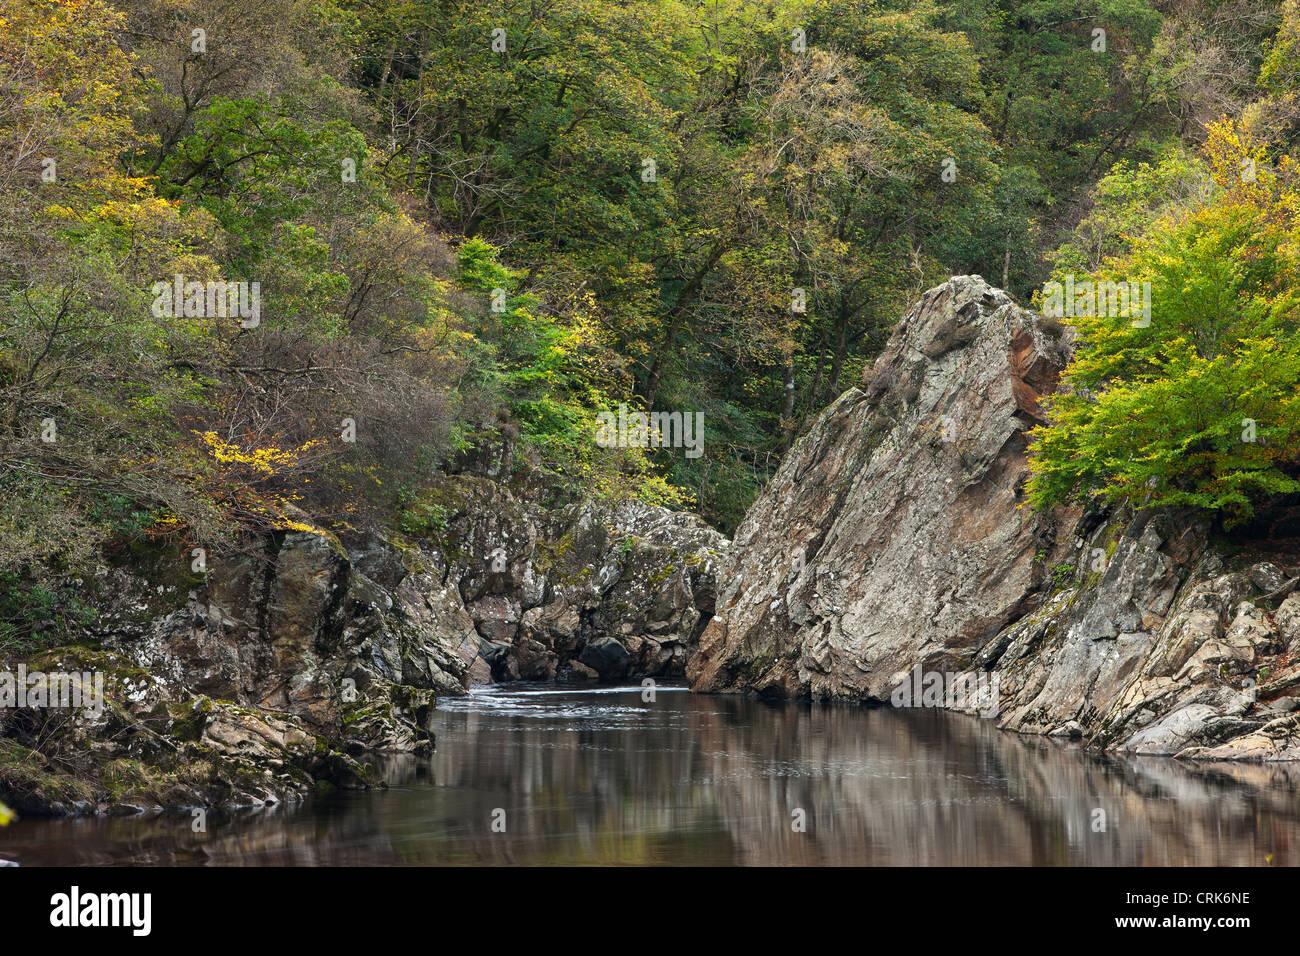 Soldier's Leap dans le col de Killiecrankie sur la rivière Garry, Perthshire, Écosse Banque D'Images